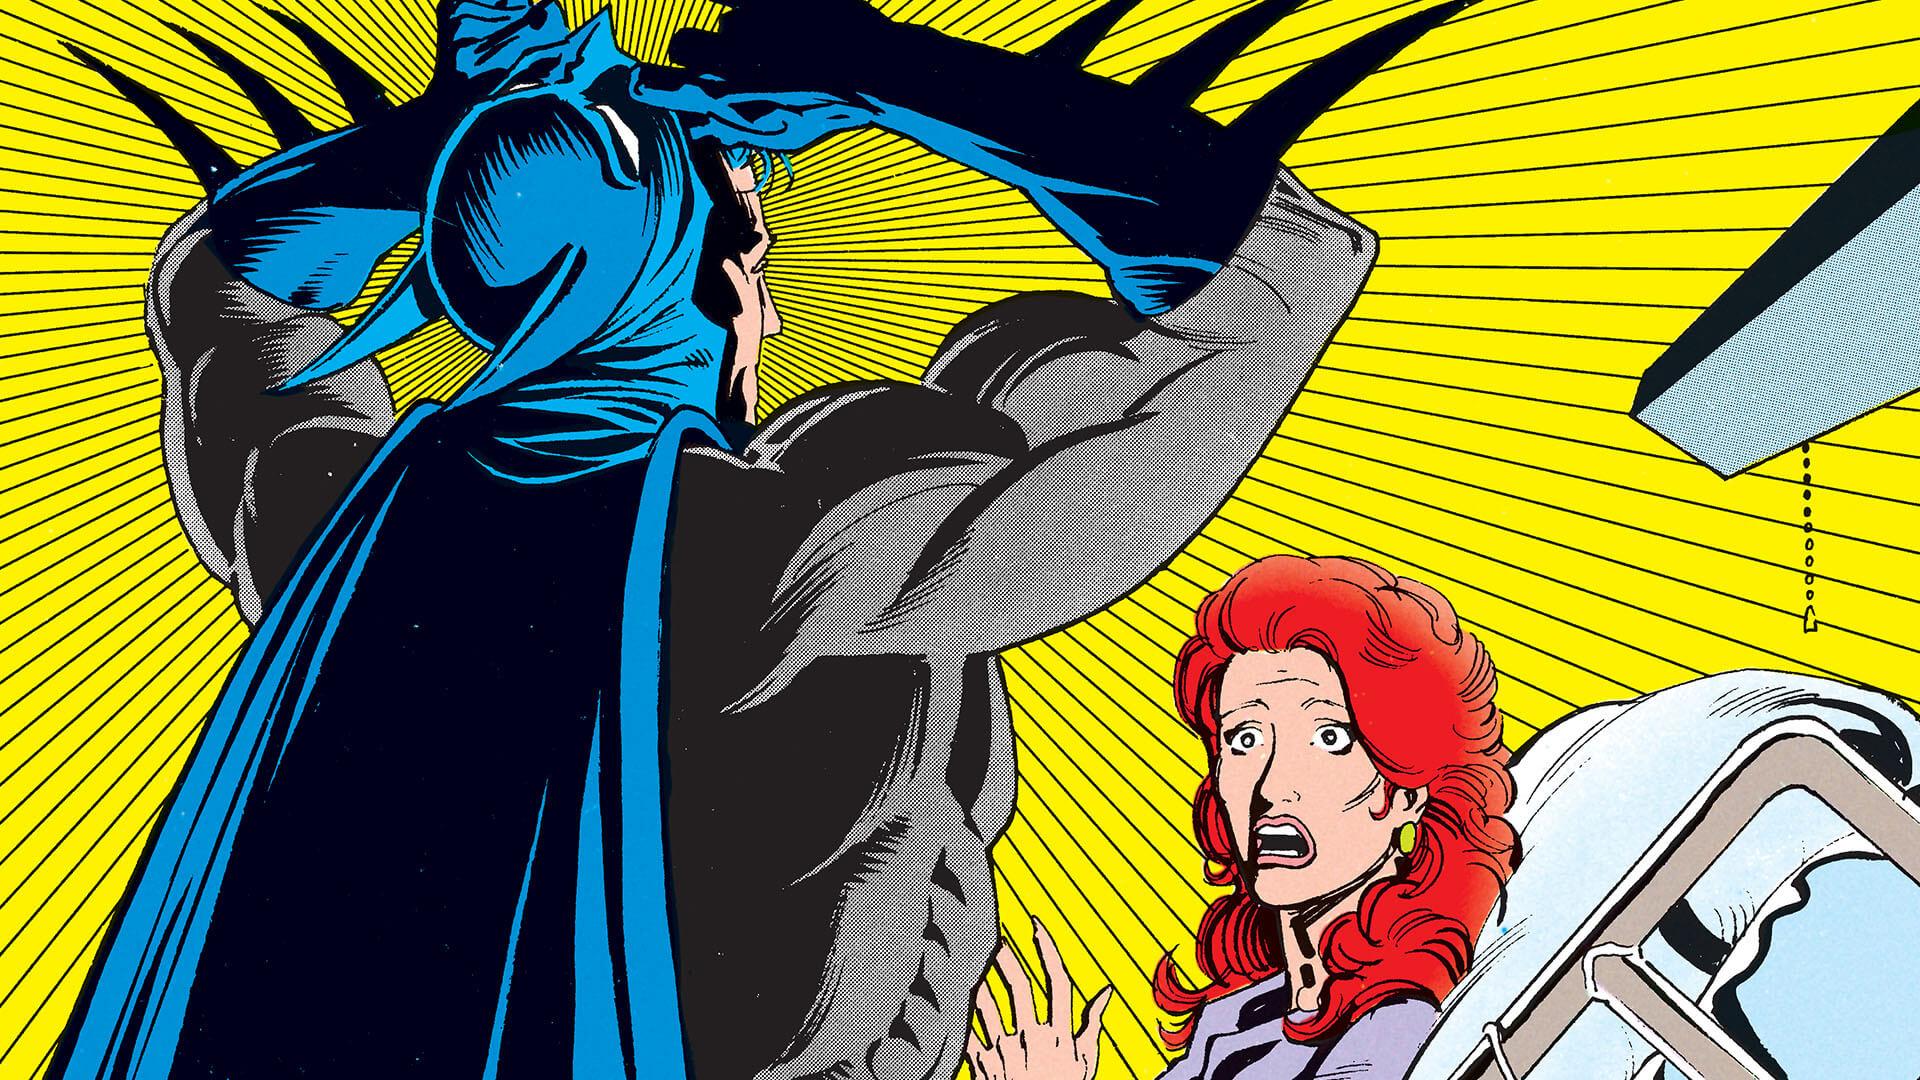 Batman_is_NOT_Bruce_Wayne_hero-c2.jpg